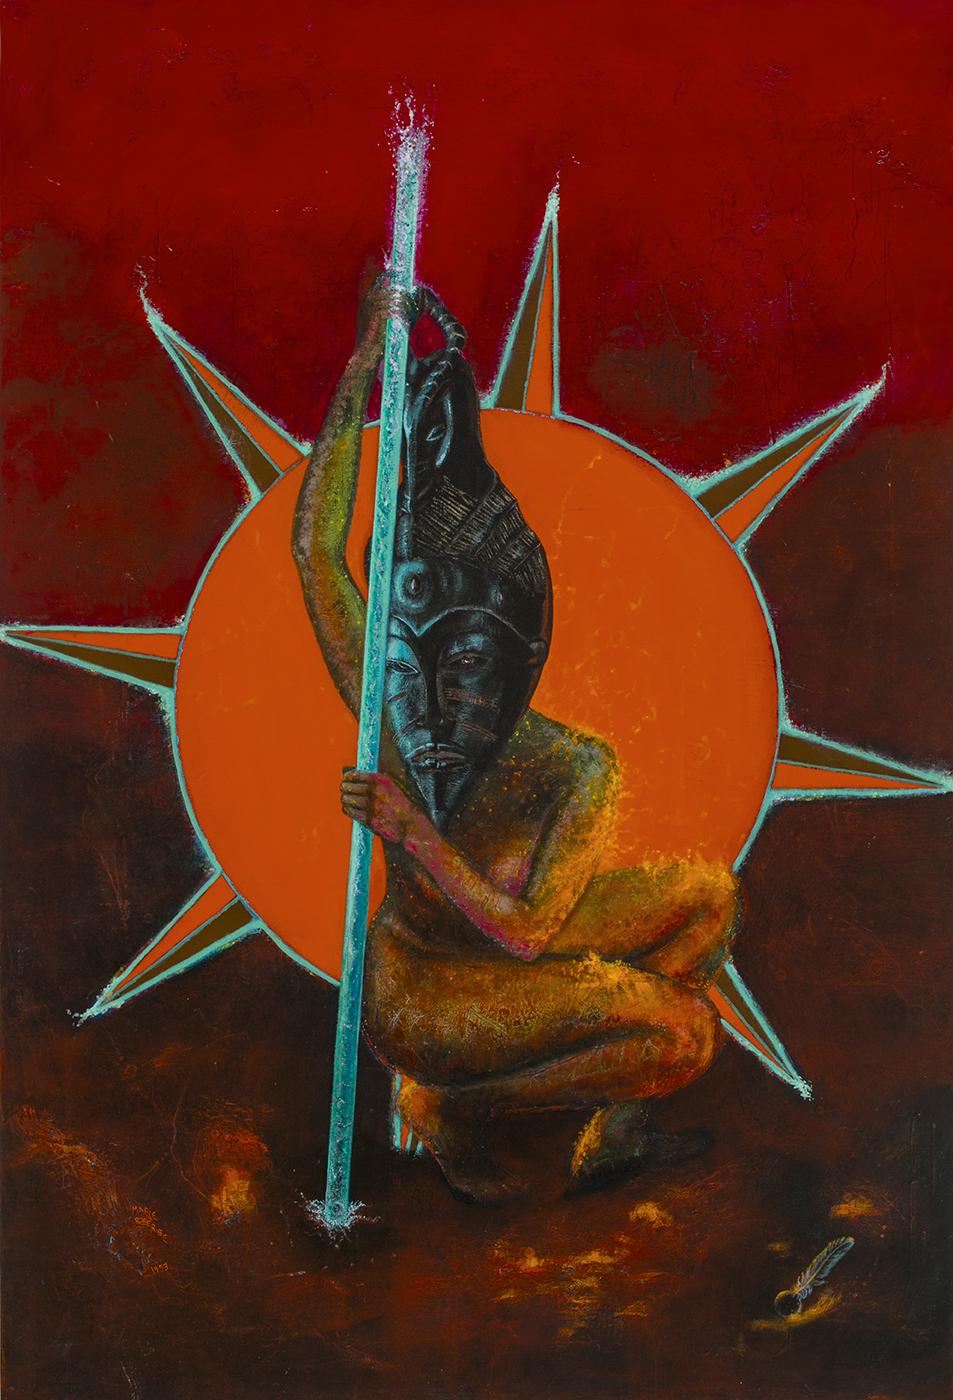 Où est le soleil? Acrylique sur toile marouflée, 183 x 122 cm